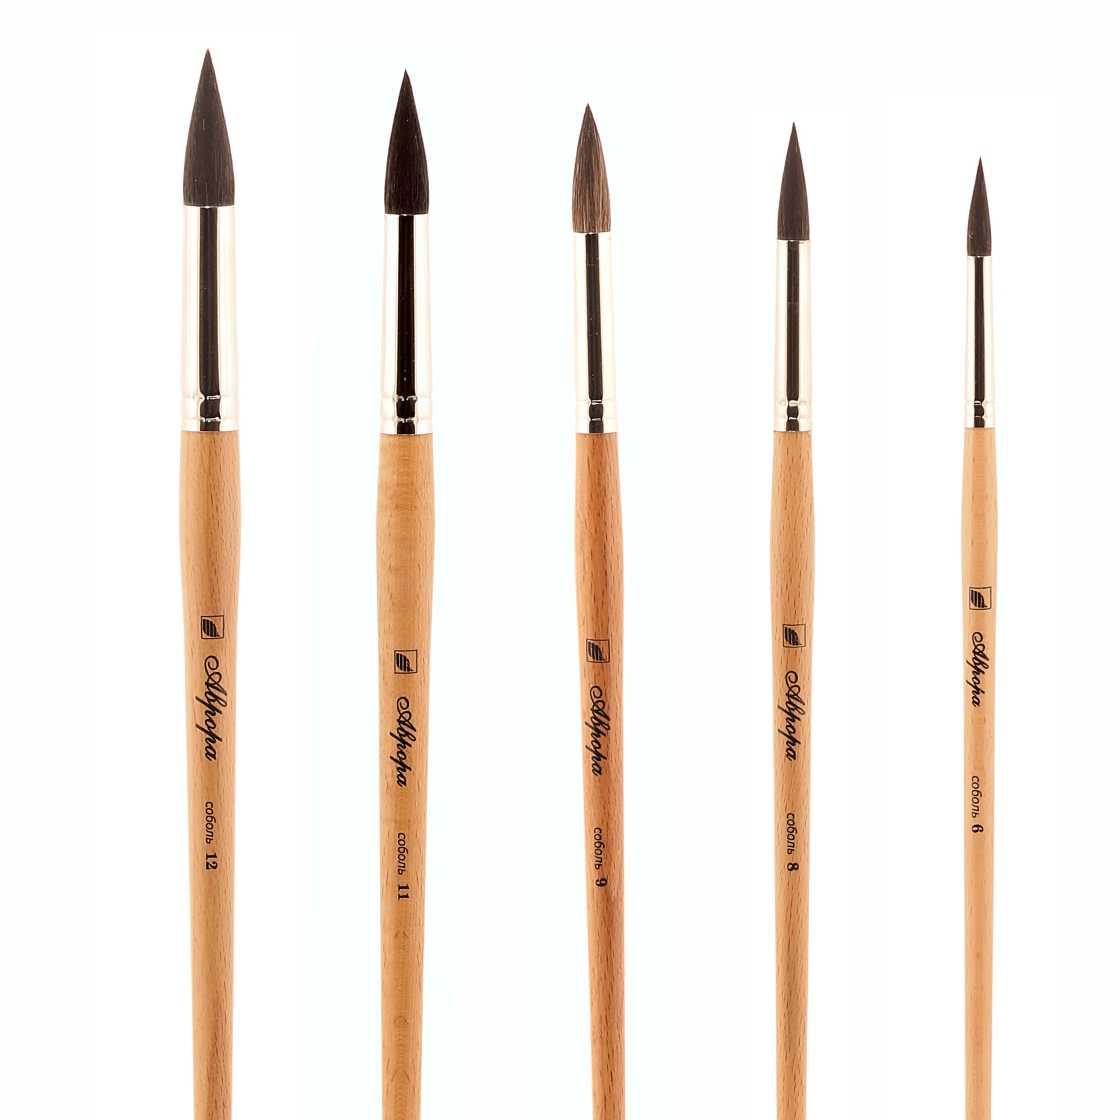 Кисти из меха белки: круглые и плоские кисти для рисования, набор художественных инструментов для акварели, размеры 2 и 3, 4 и 6, 10